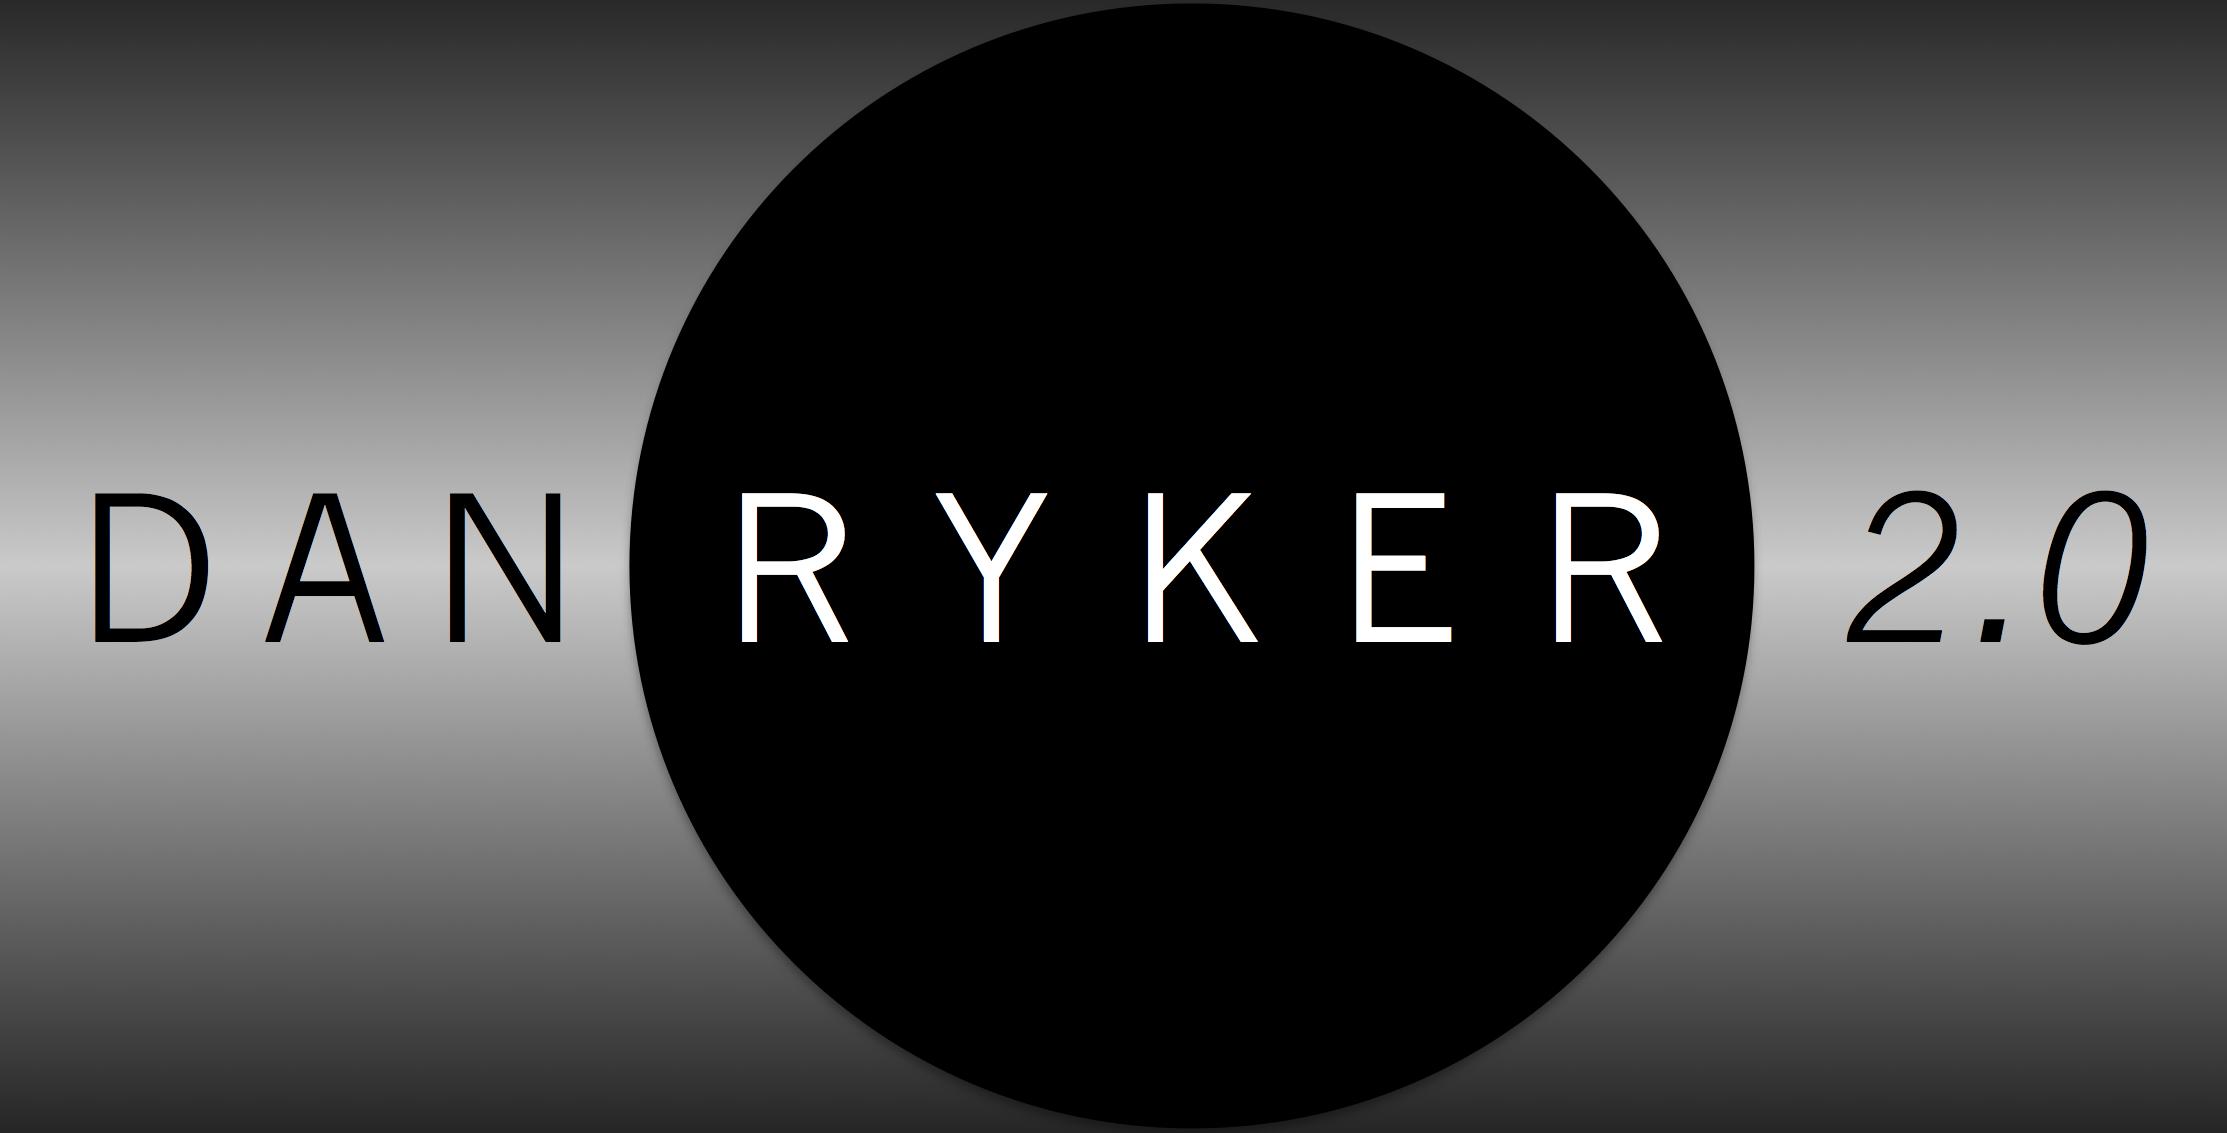 Dan Ryker 2.0